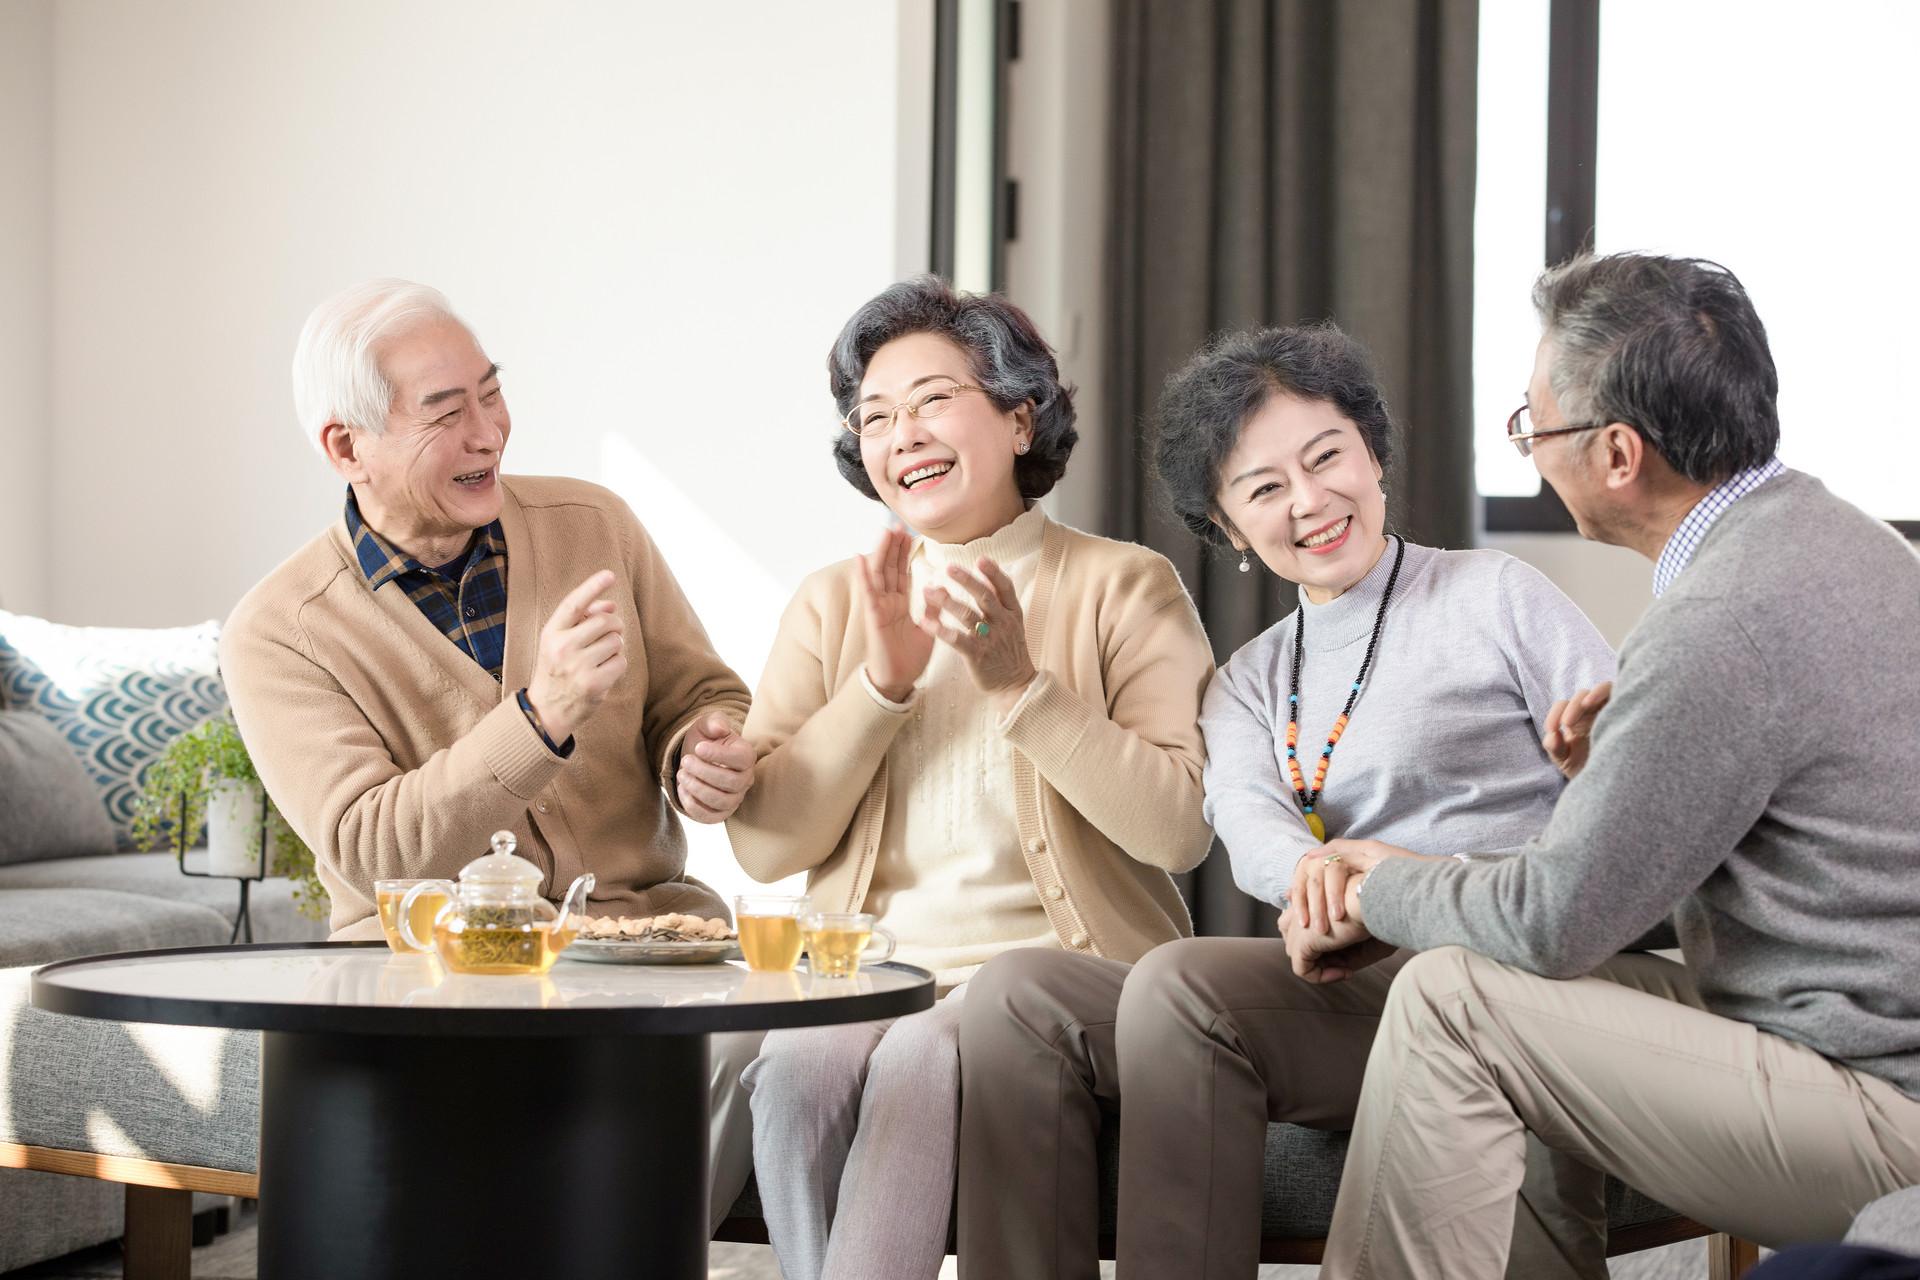 退休金缺口:几十年后,拿什么保障精致的养老生活?